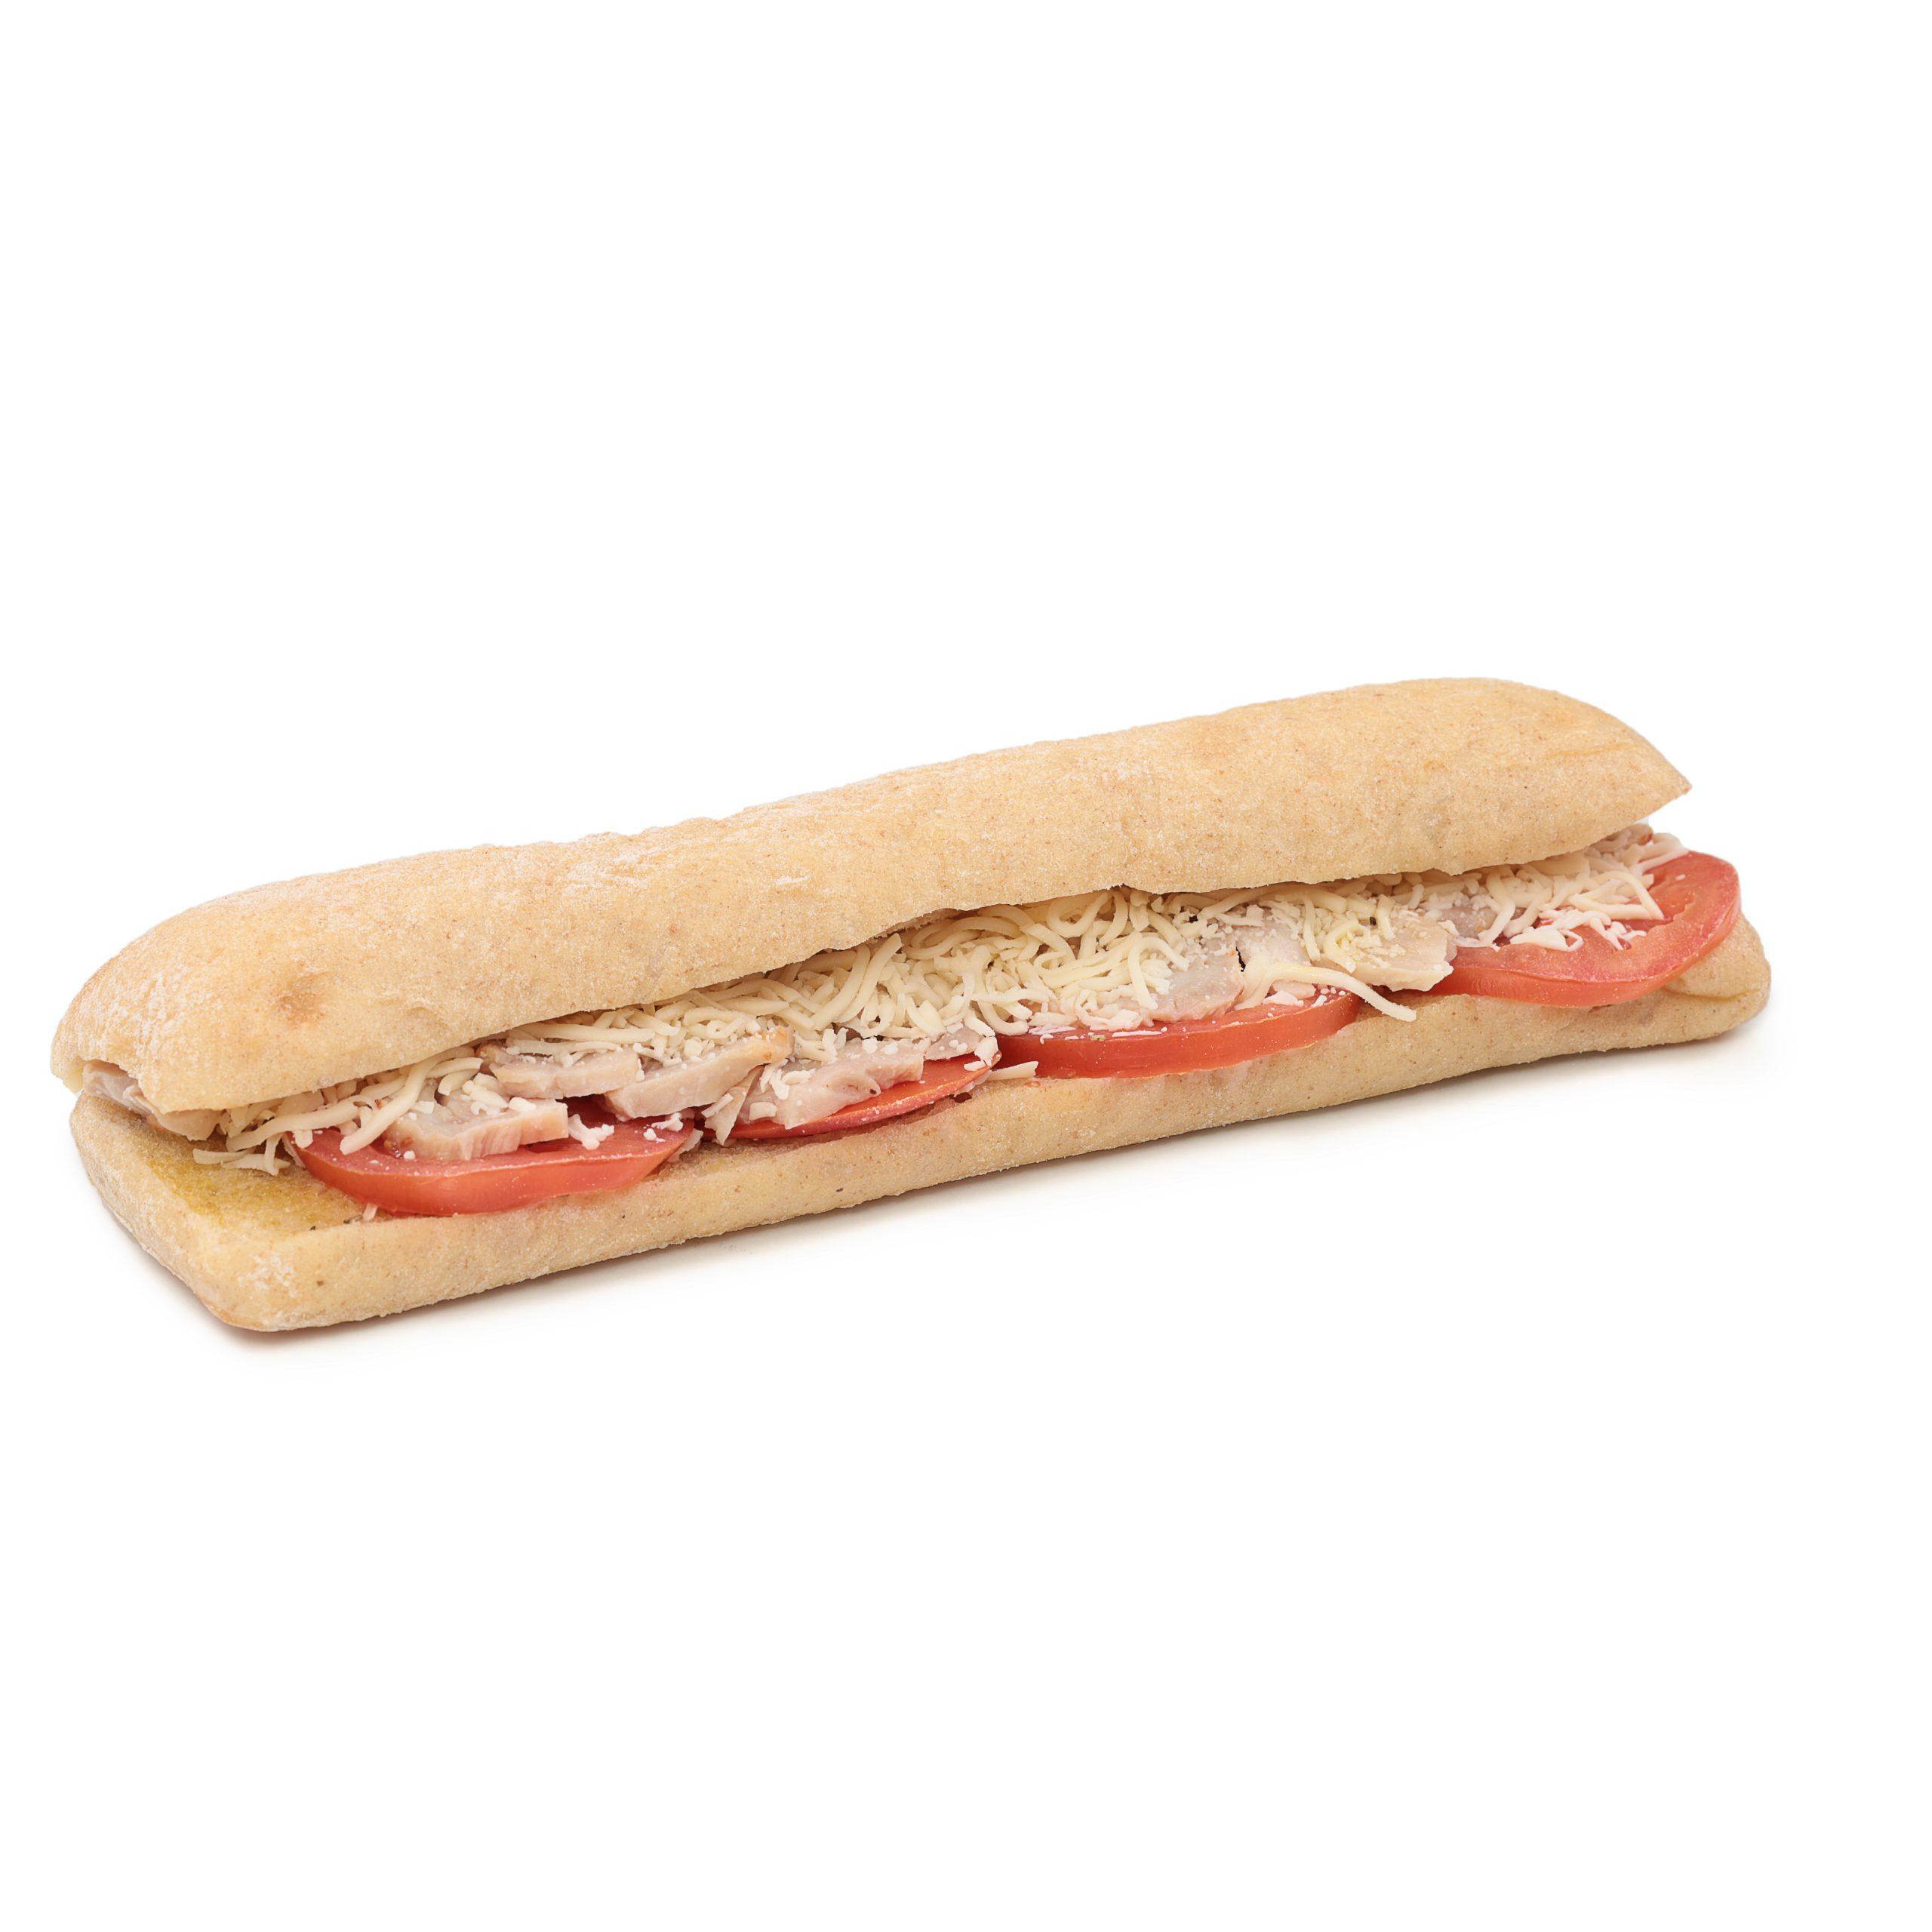 Joseph Boulangerie Packshot Culinaire Pâtisserie - Touche Pas A Ma Com'